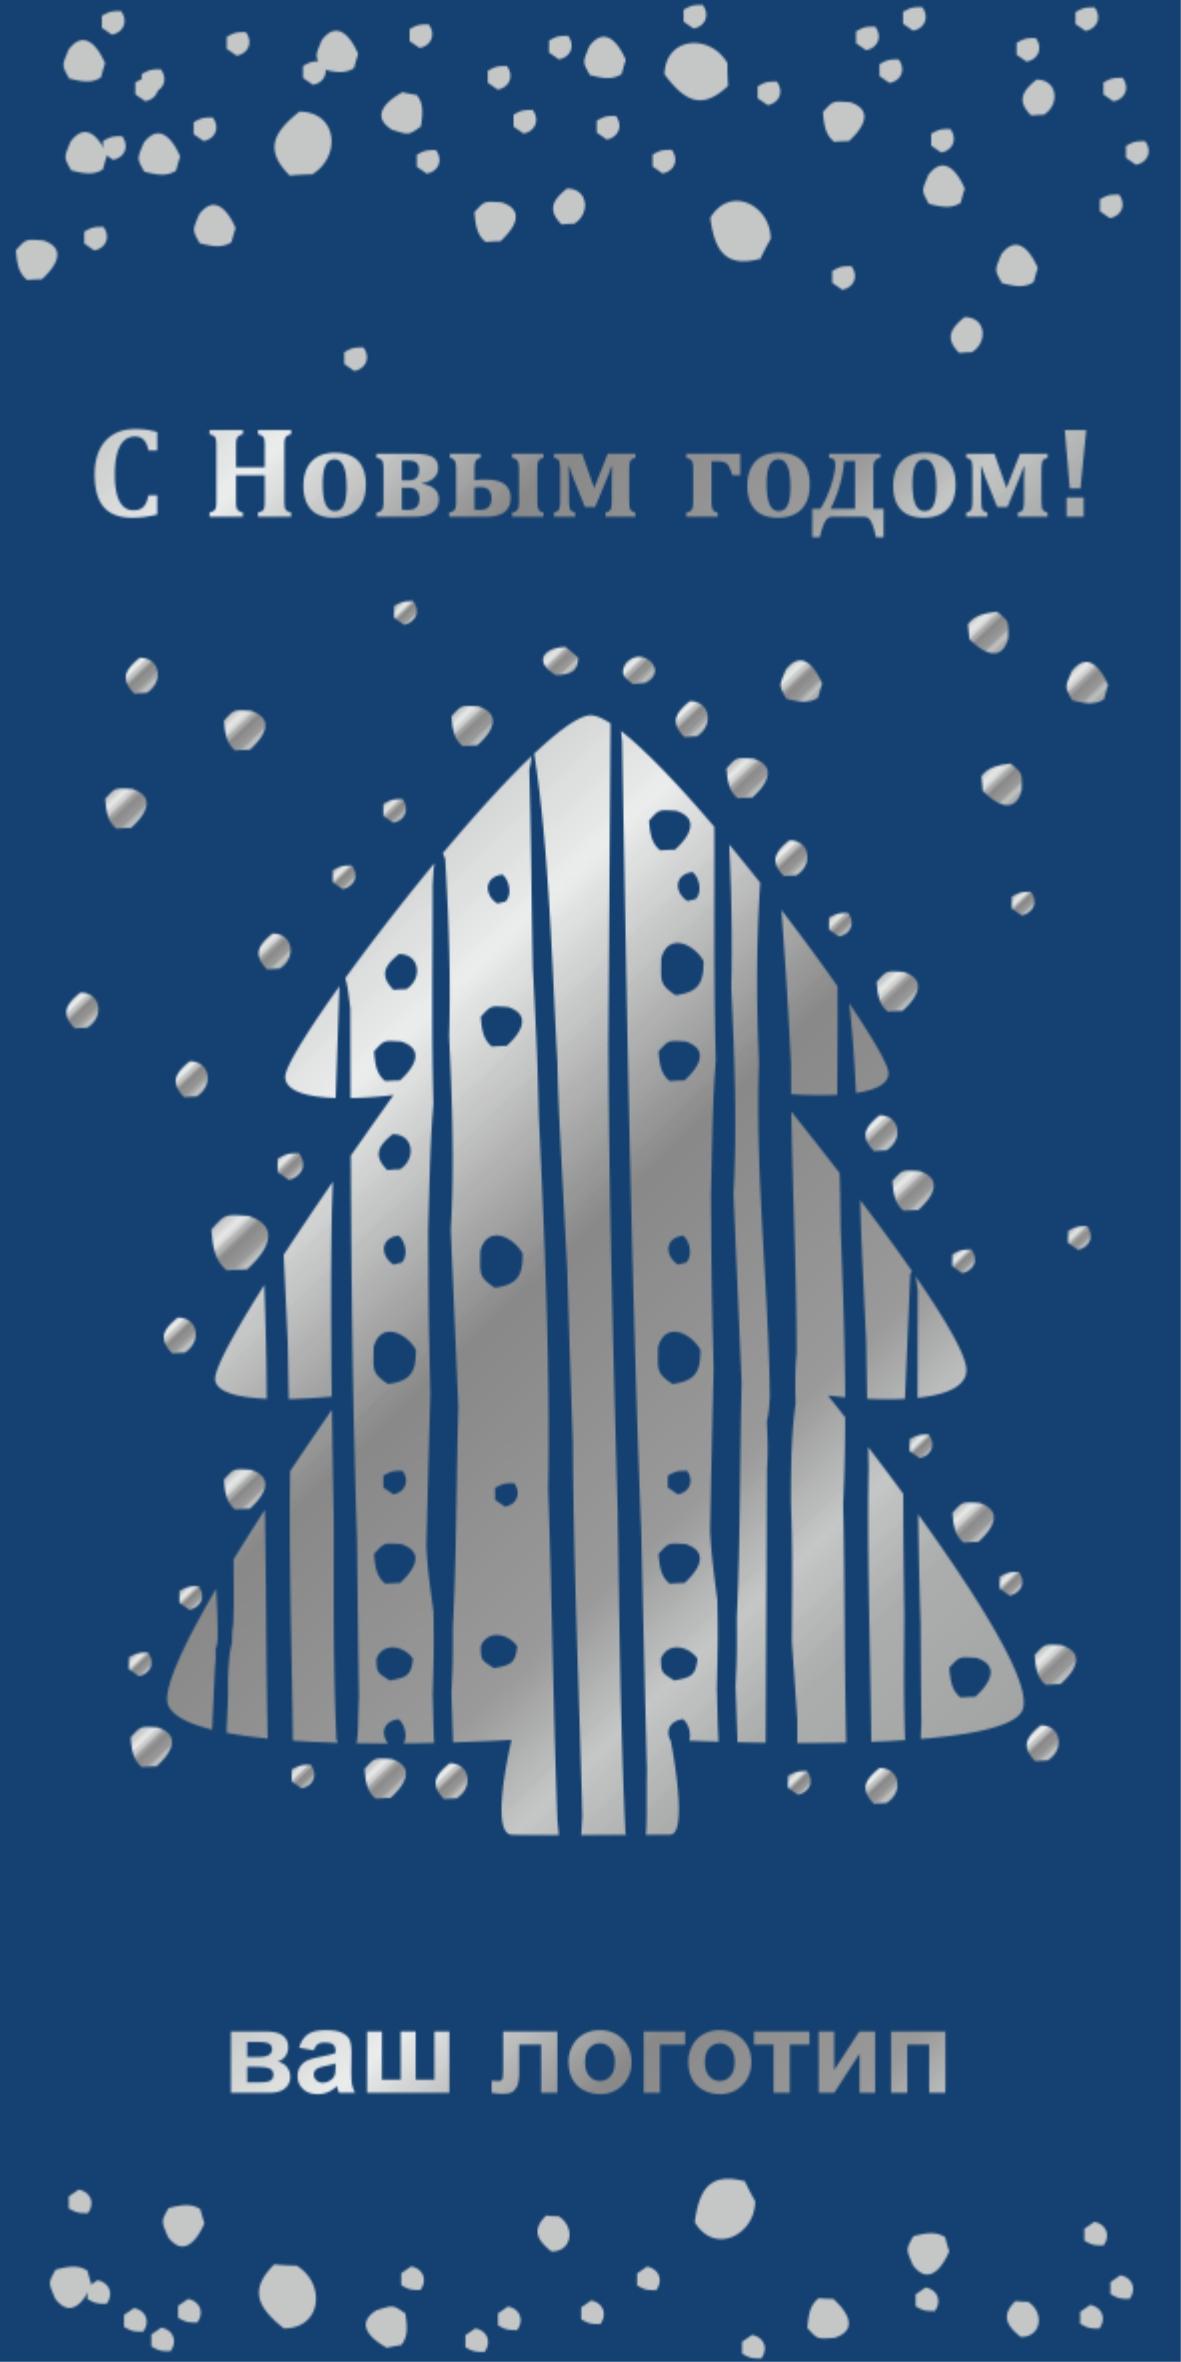 Открытка с новым годом с логотипом